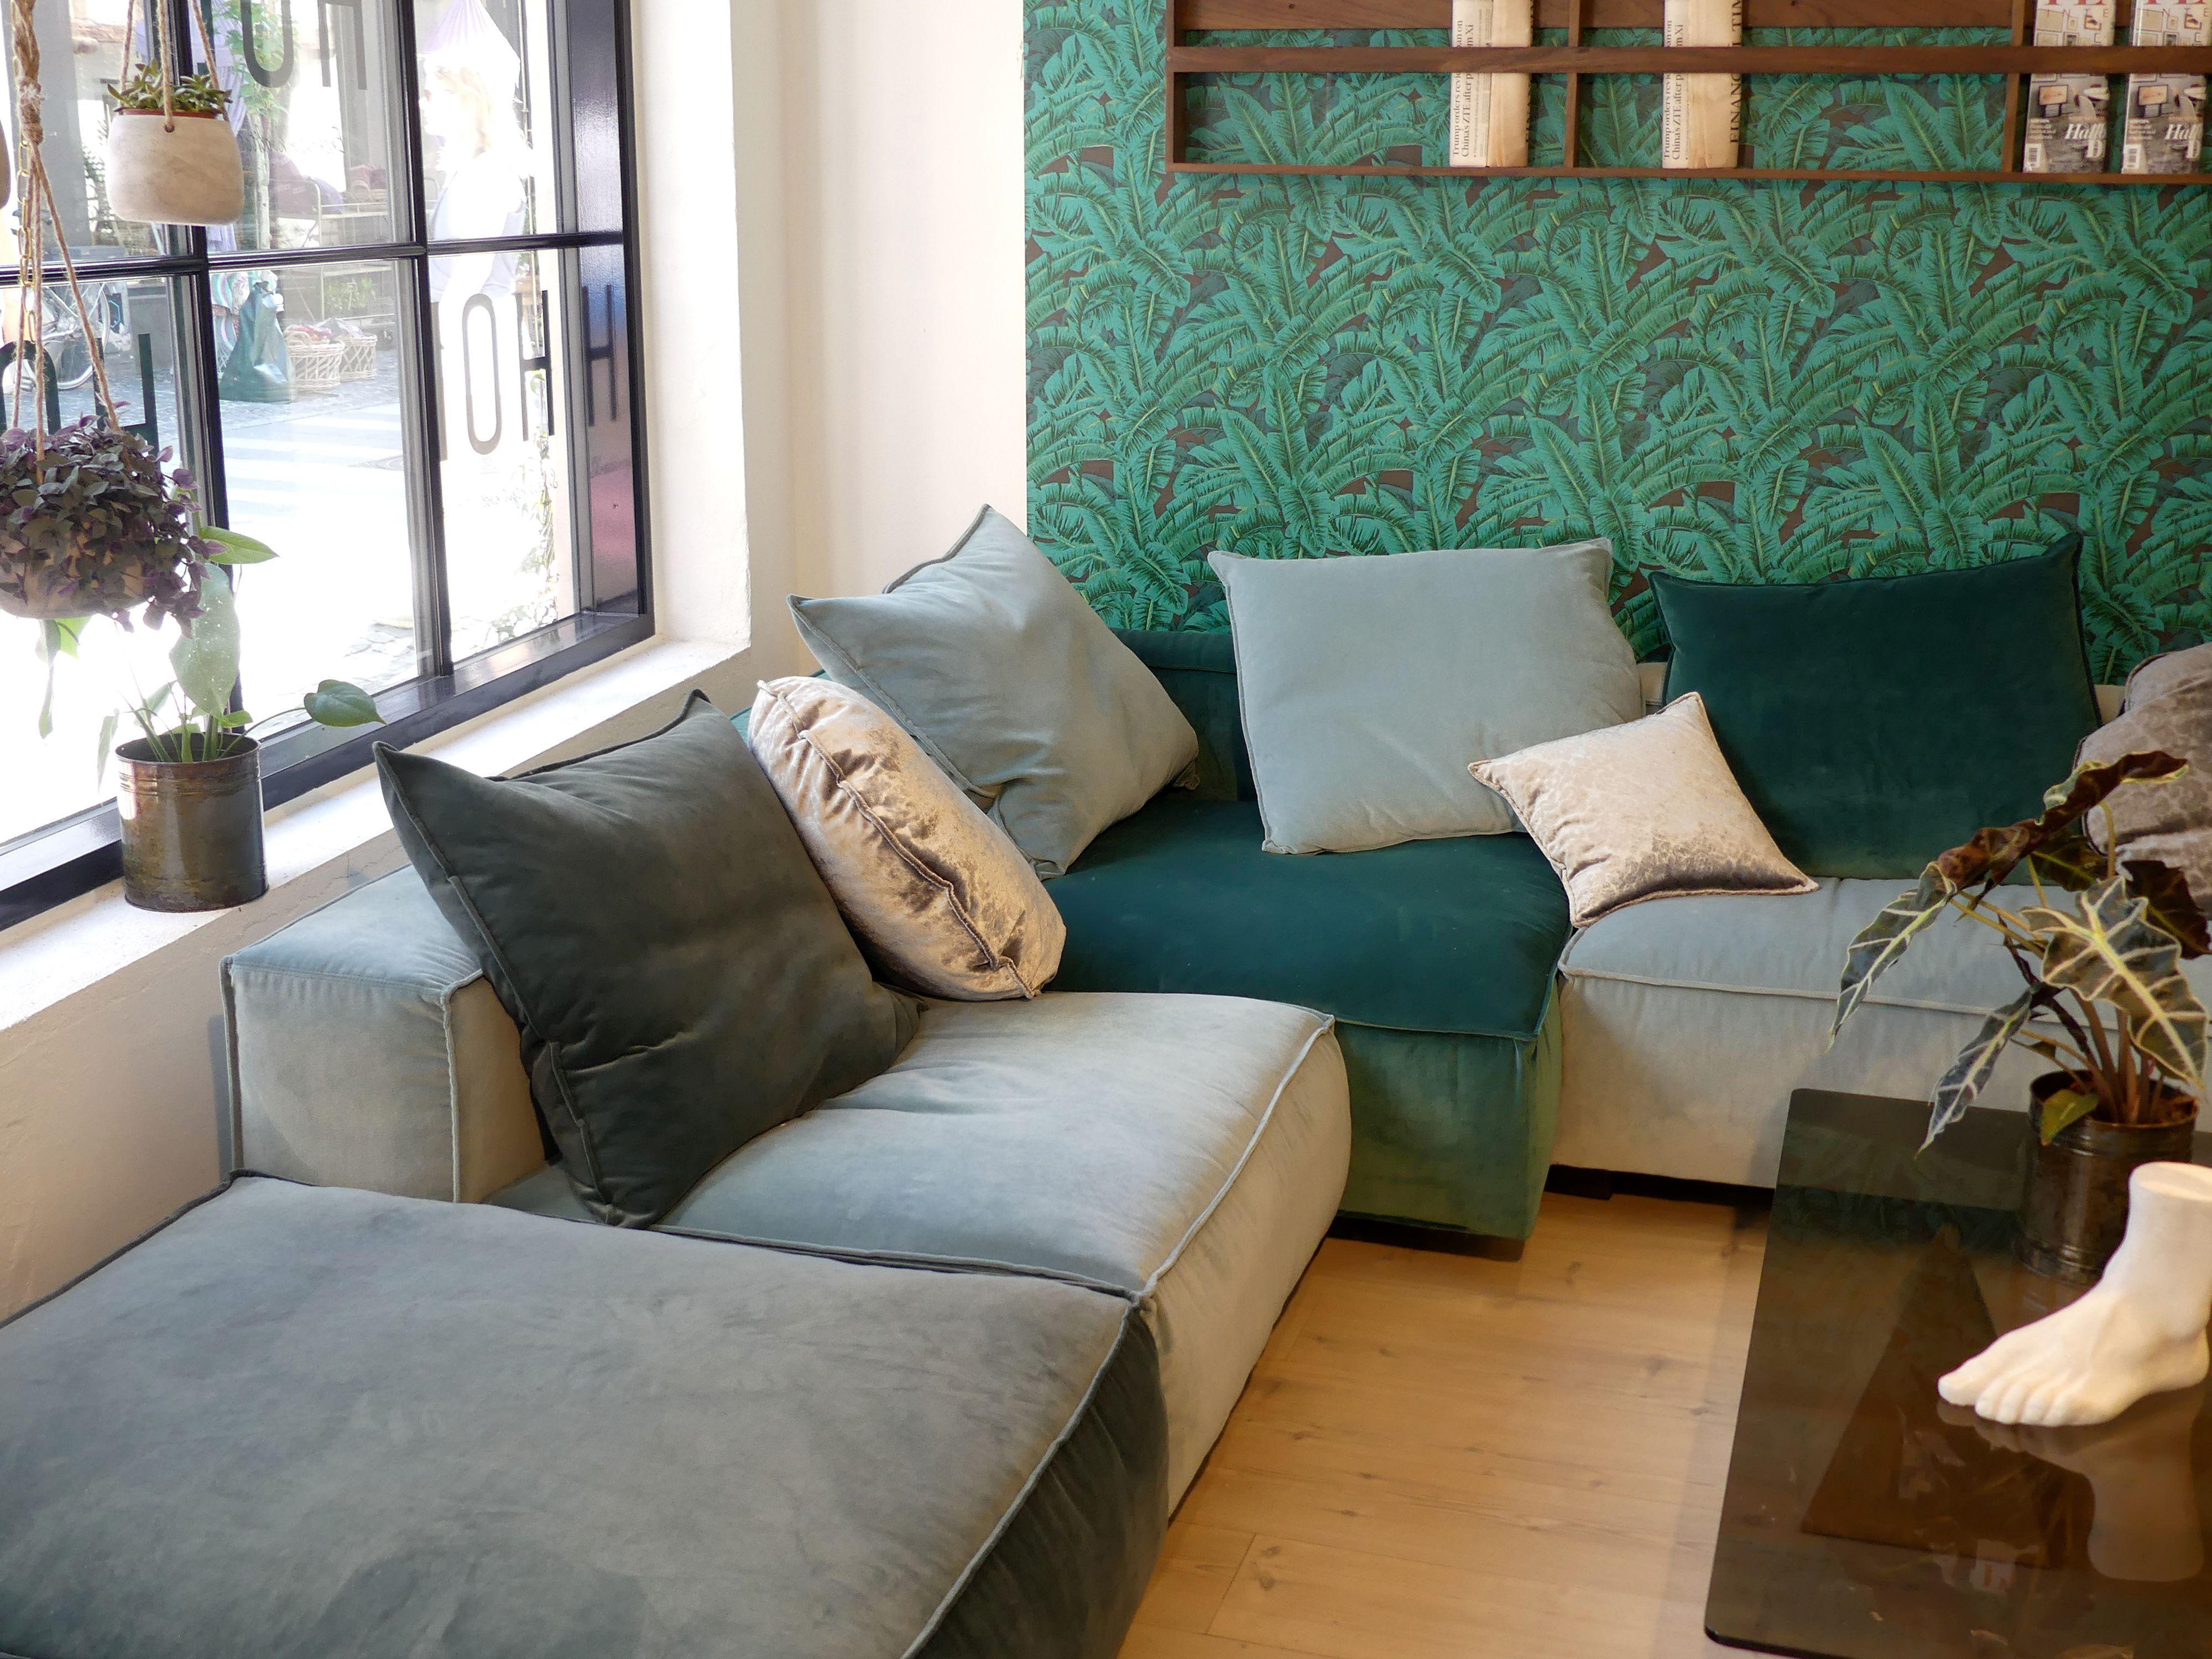 interior design furniture images. Home Interior Design, Furniture. Living Room, Style, Design Furniture Images